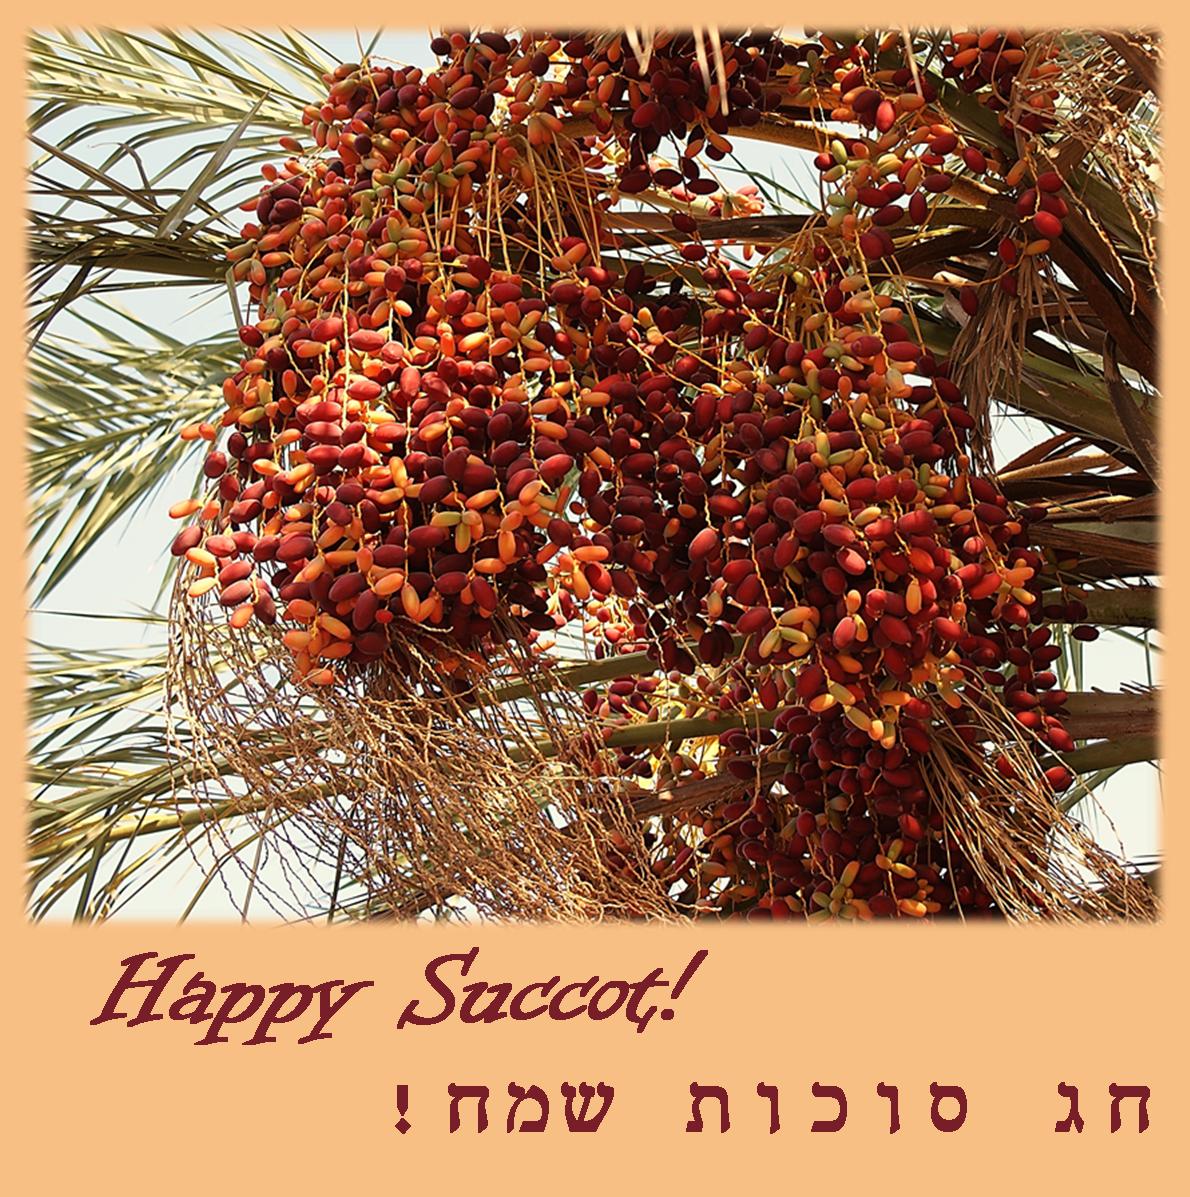 Happy Succot!